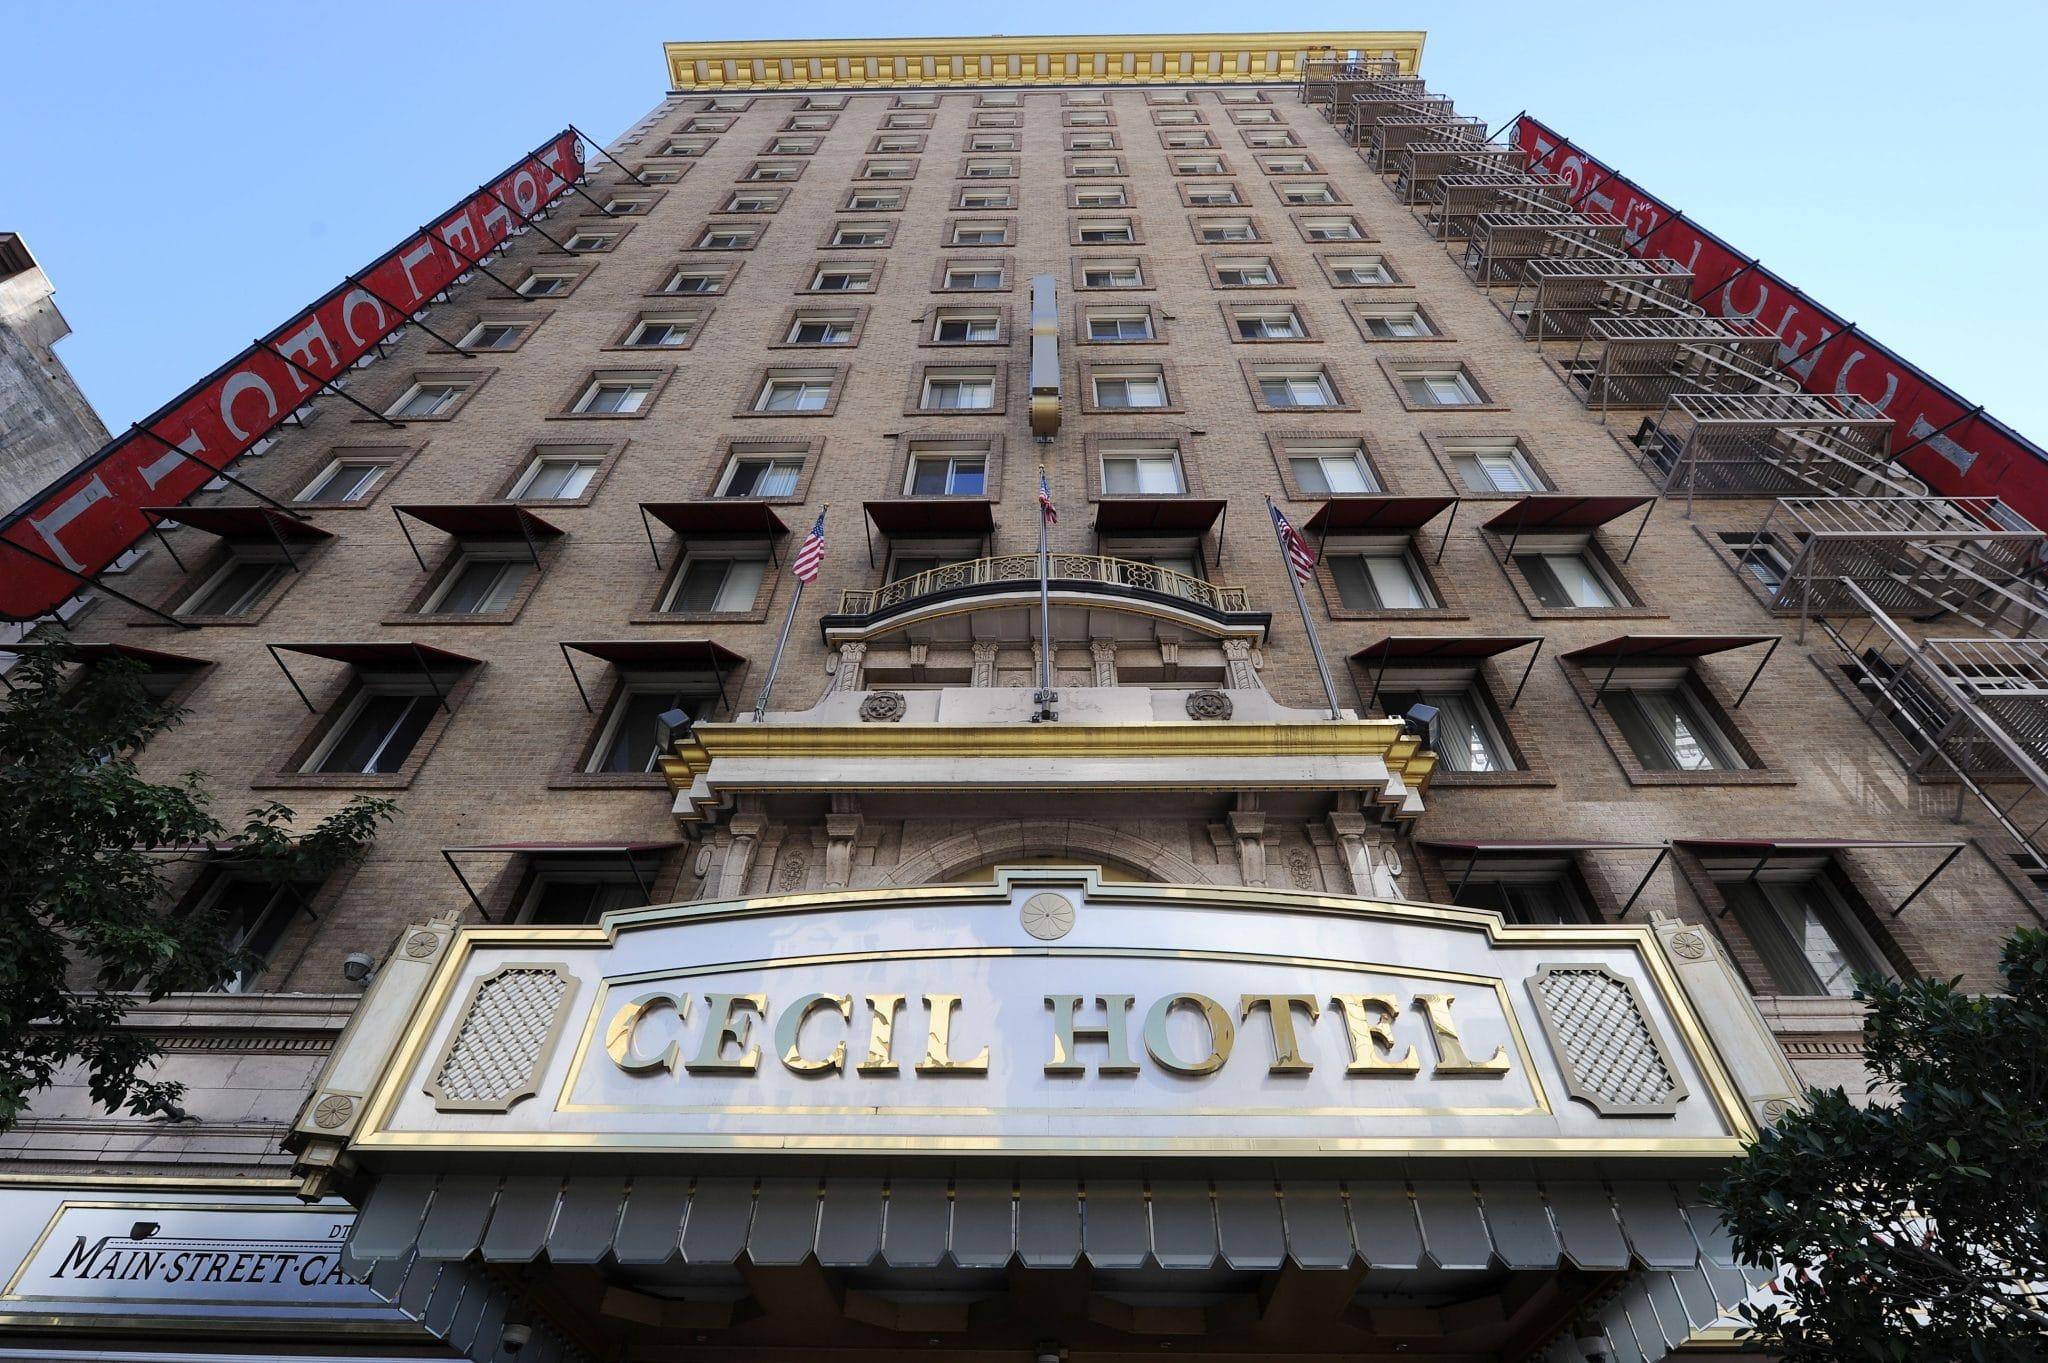 Avis aux fans d'horreur : Netflix prépare un docusérie sur l'hôtel le plus hanté du monde